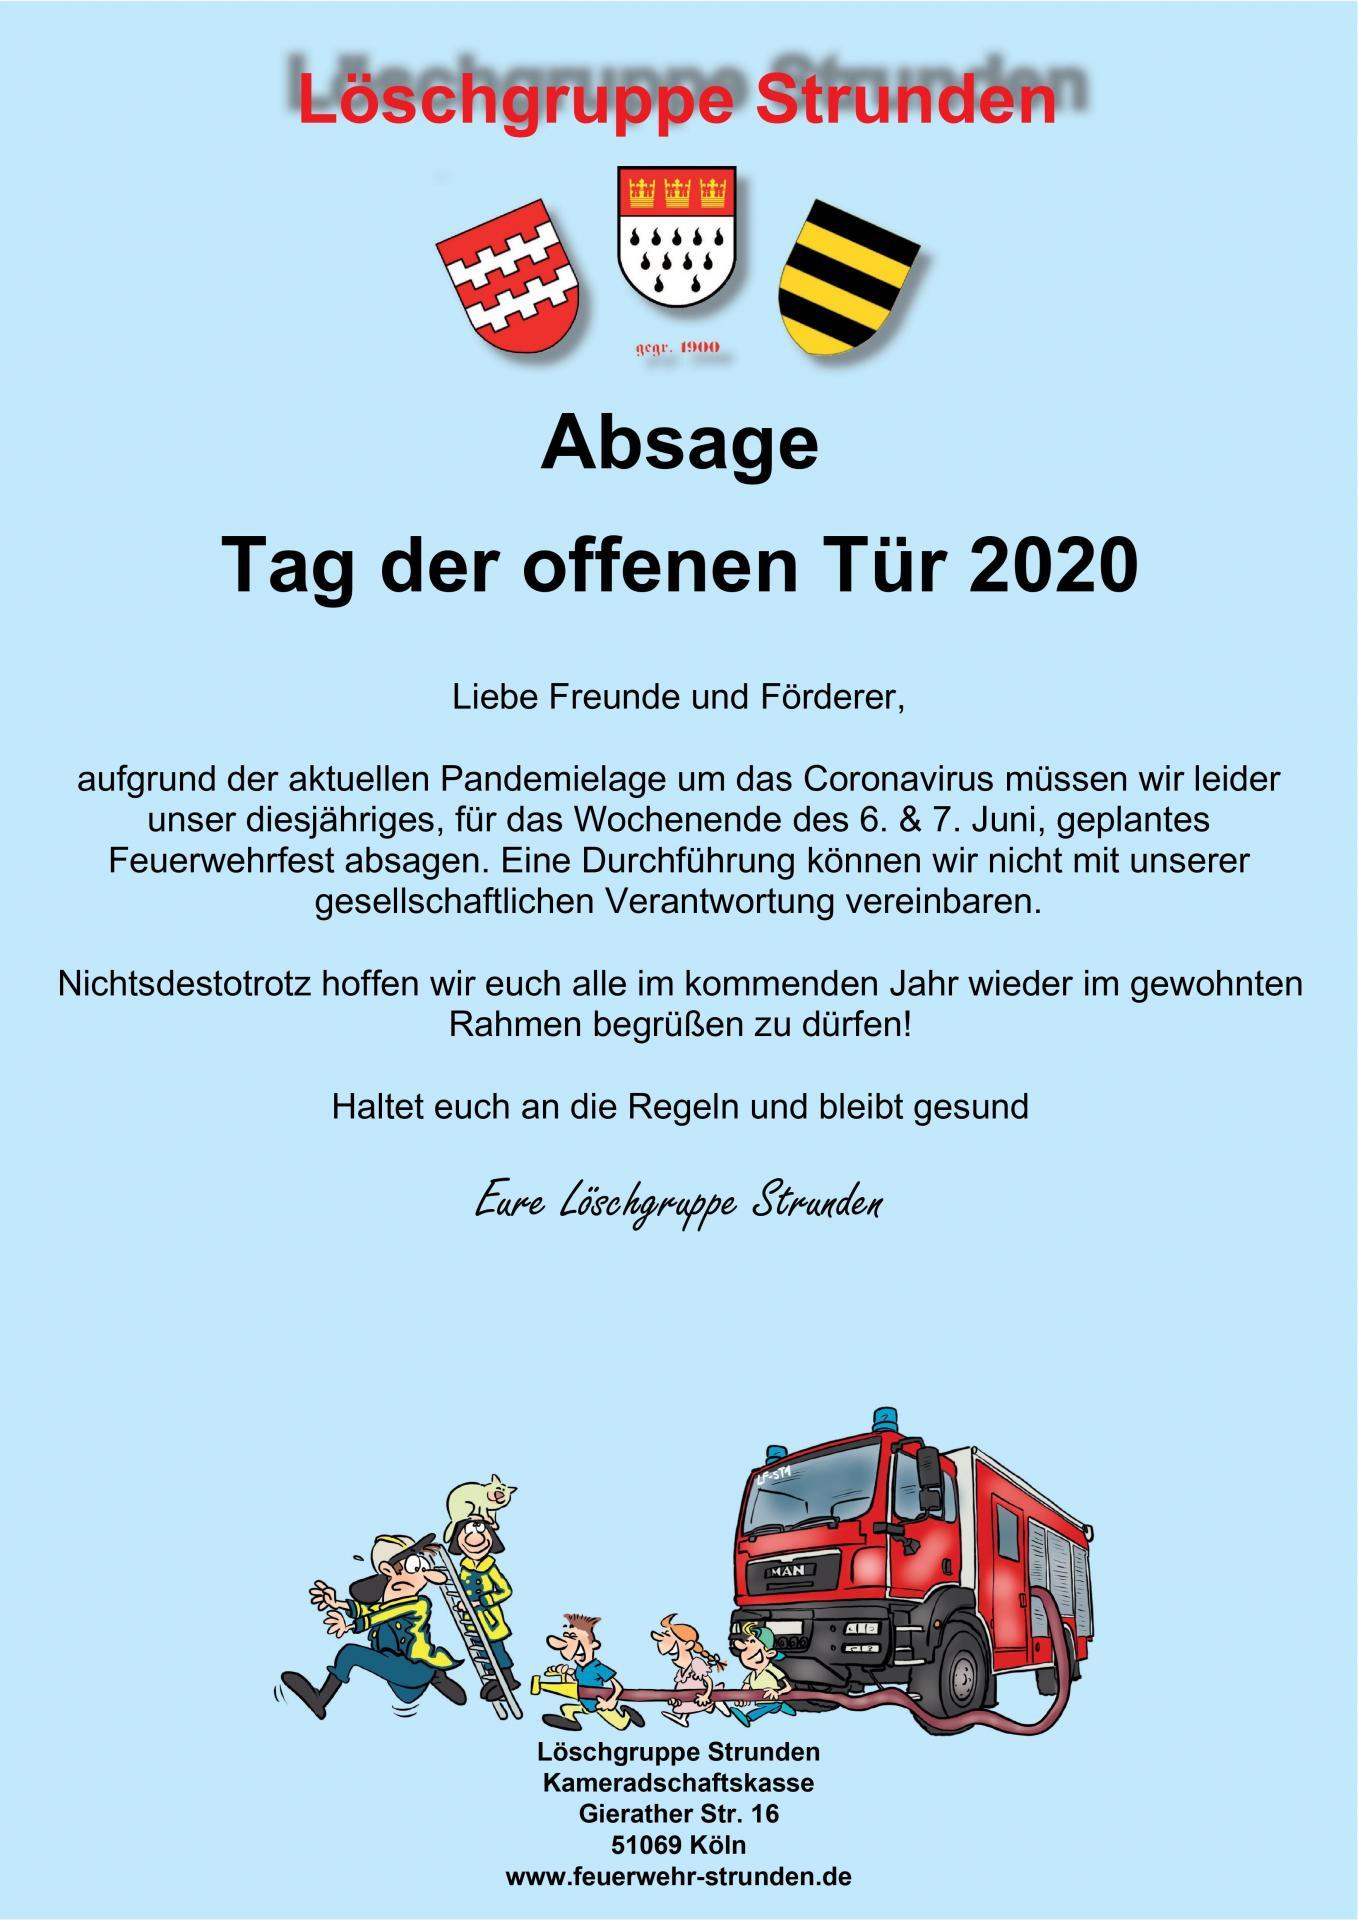 Absage TdoT 2020